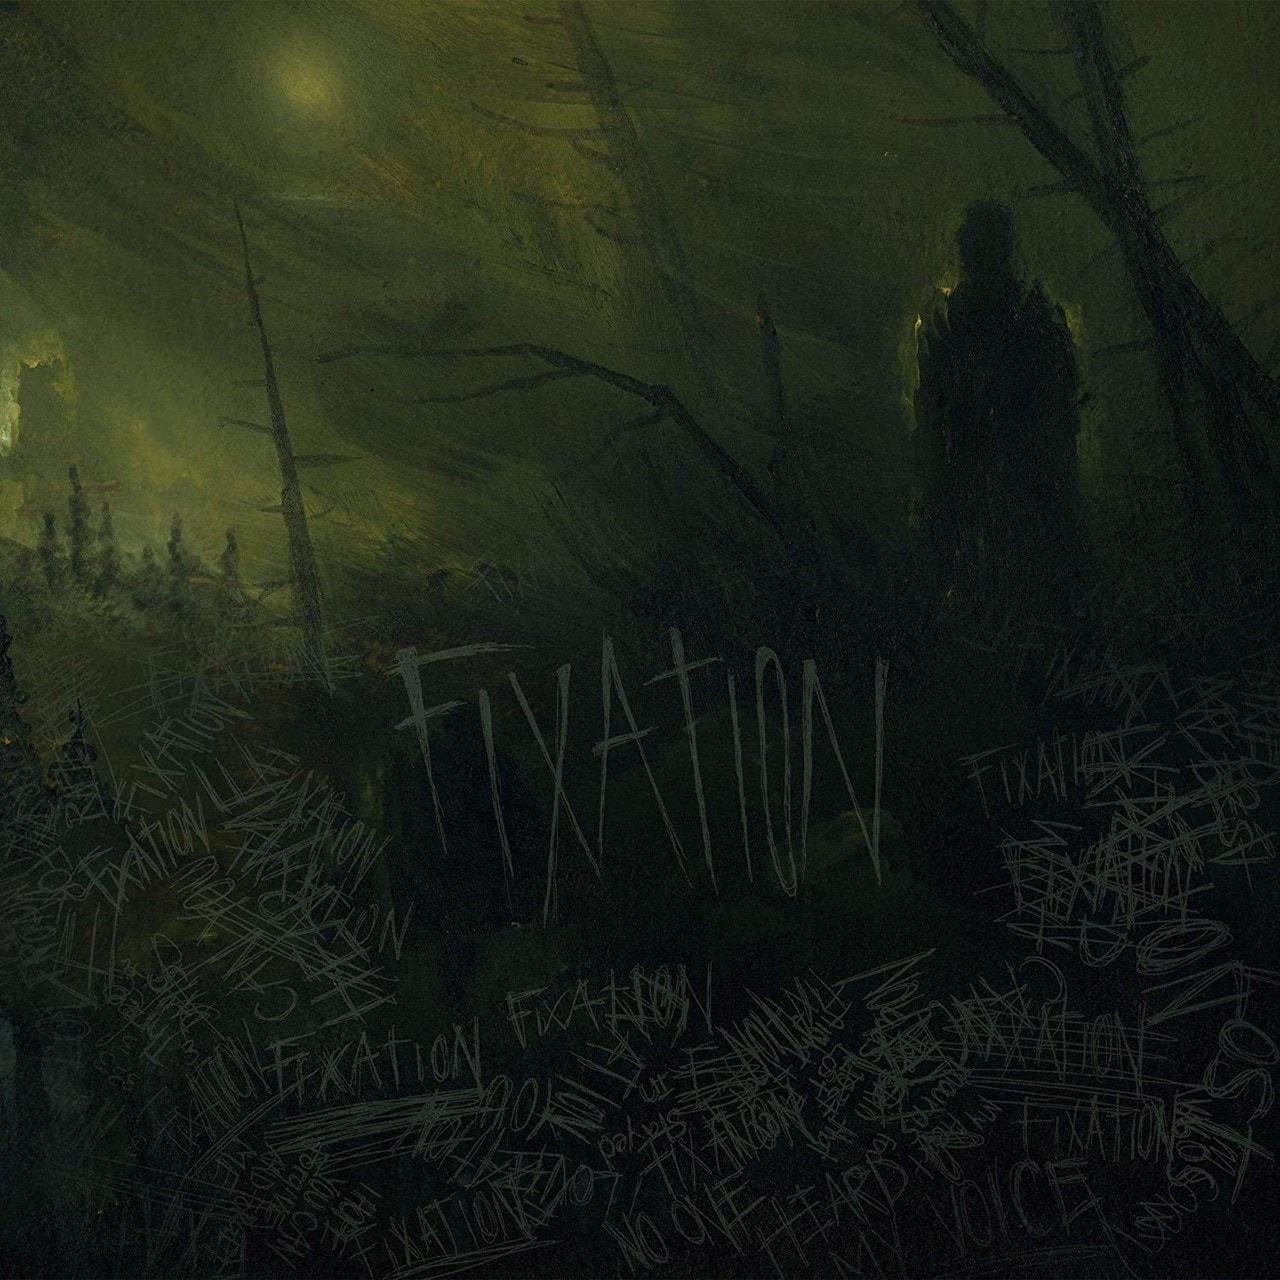 Fixation - 1